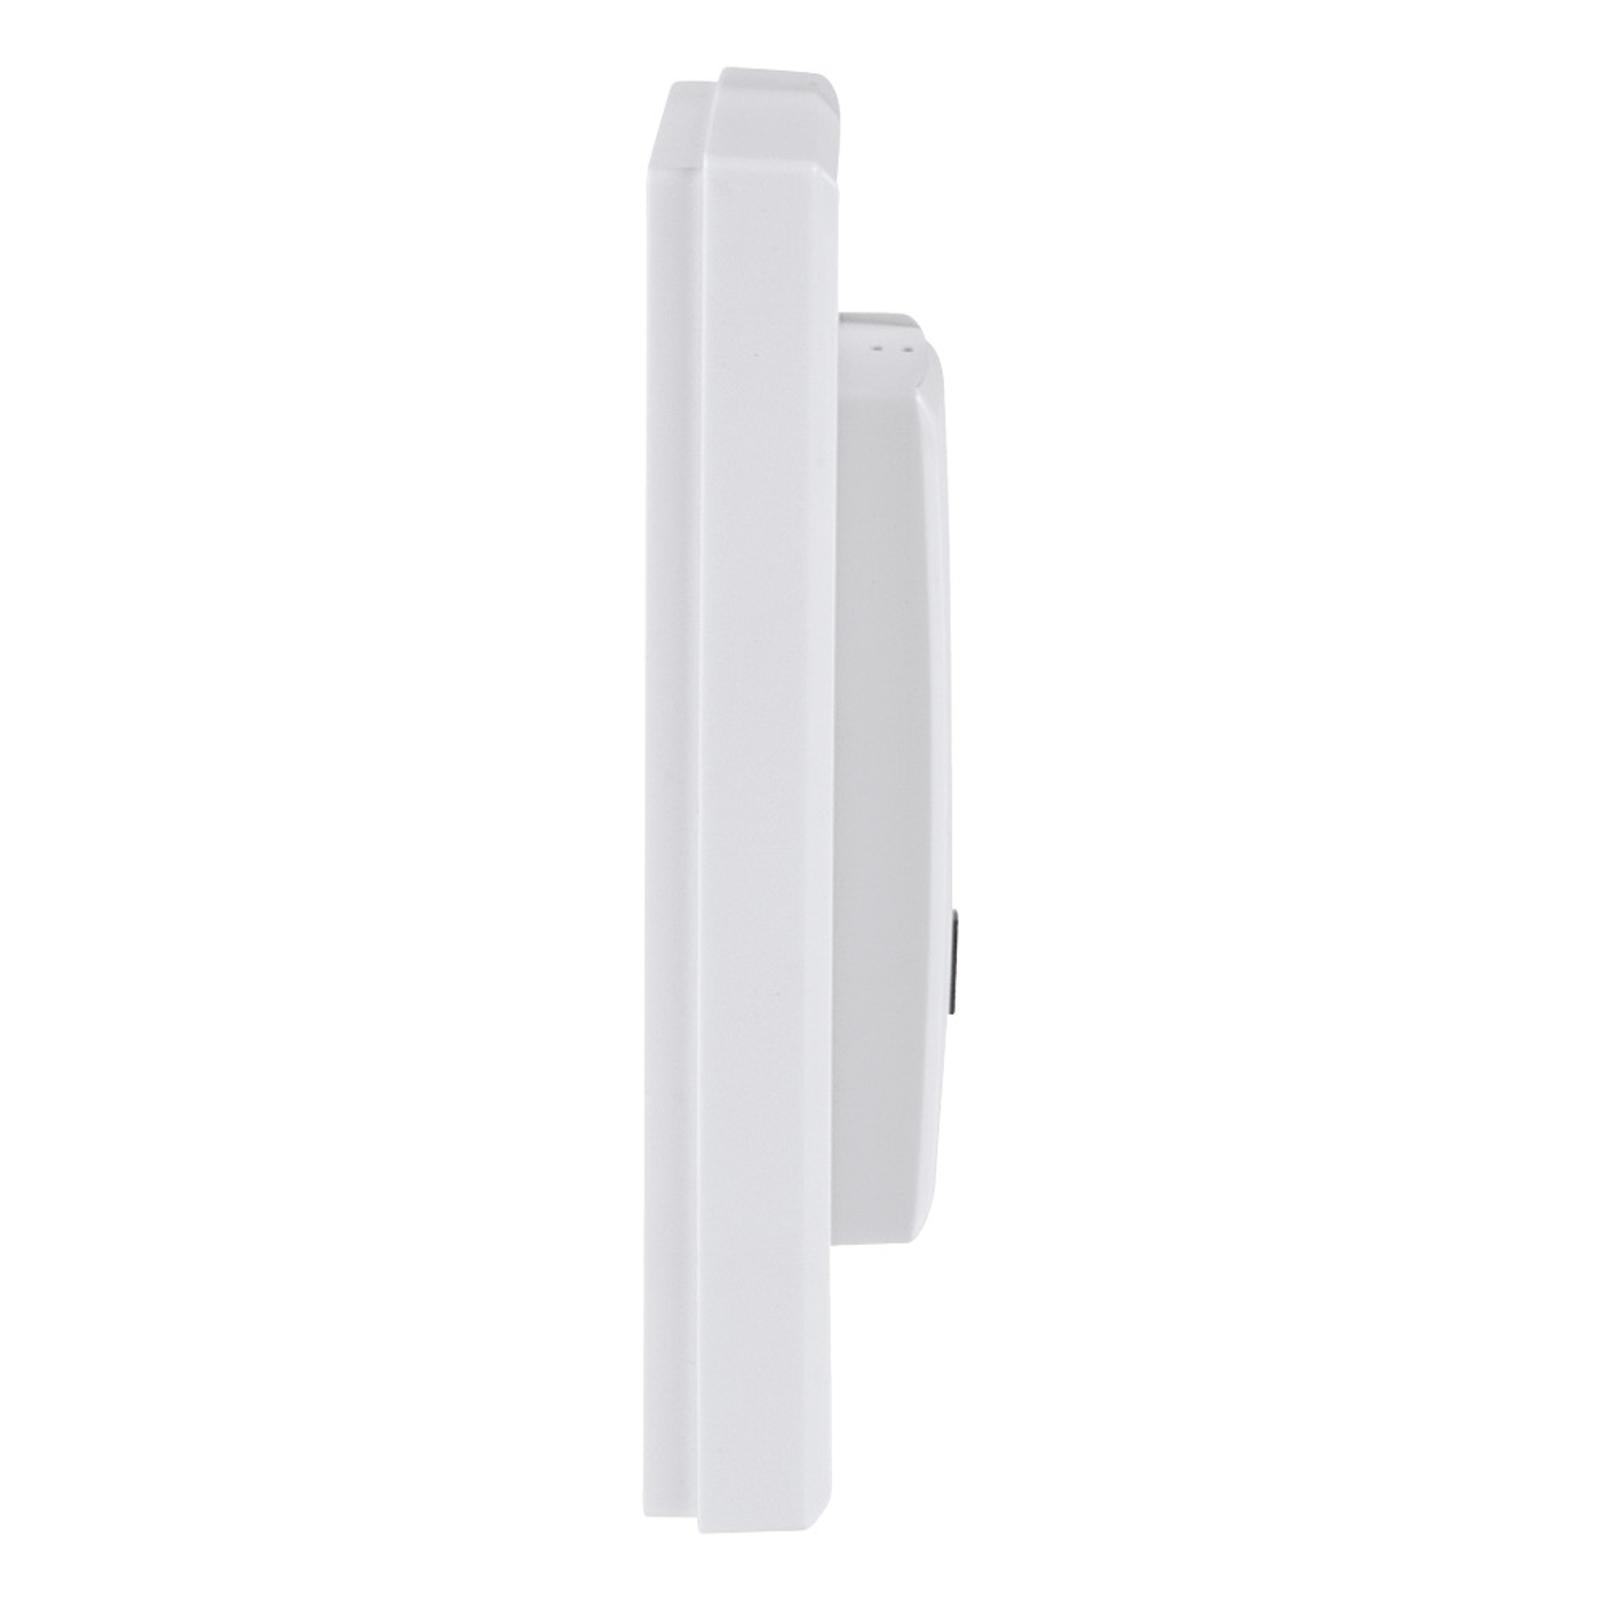 Homematic IP capteur température/humidité int.